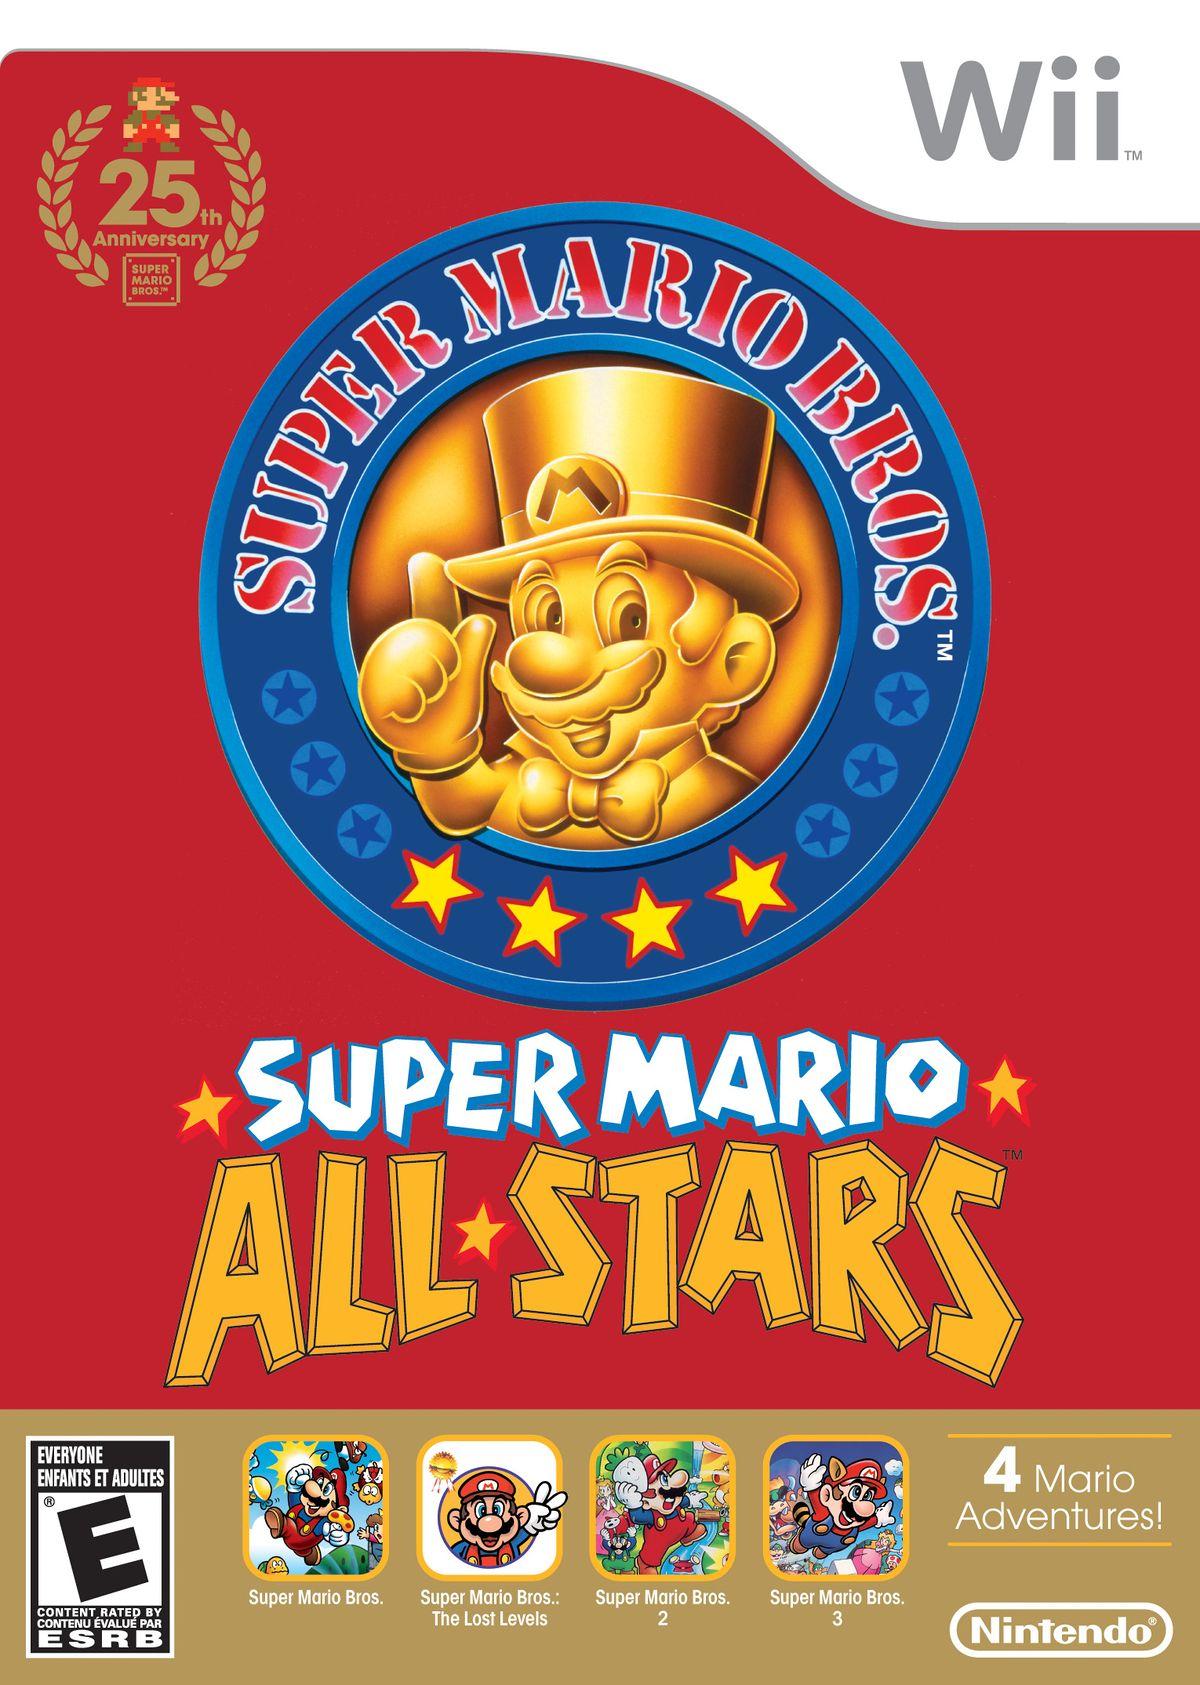 Super Mario All-Stars Limited Edition - Super Mario Wiki, the Mario